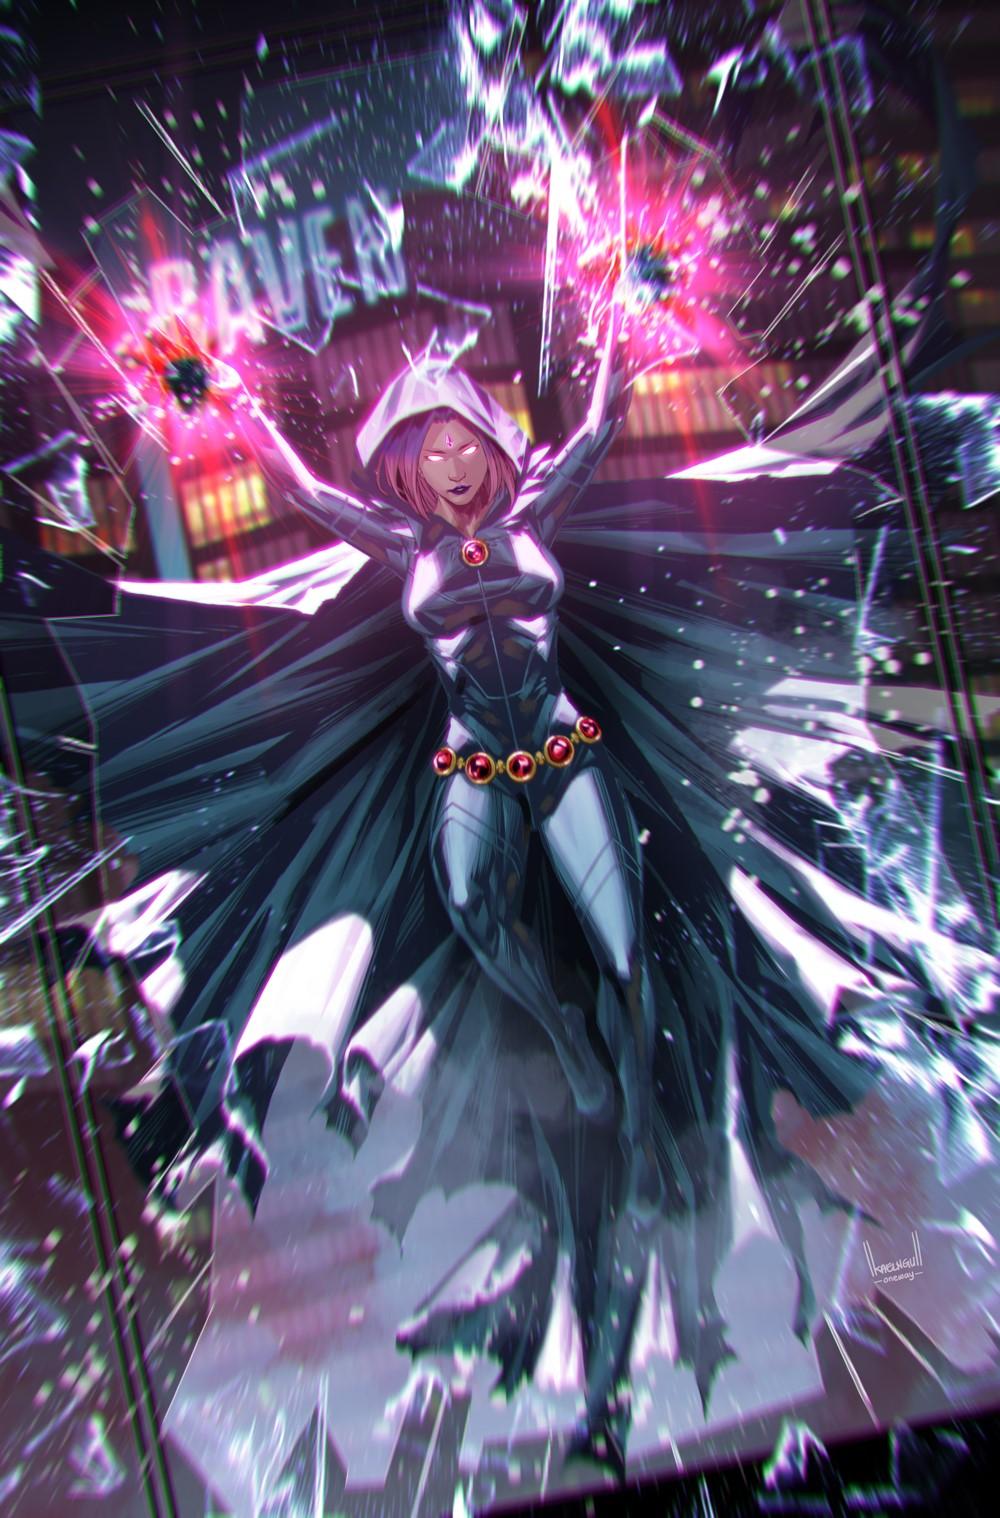 TITANSUNITED-2-Raven-KaelNgu_VAR_NO-TRADE-DRESS DC Comics October 2021 Solicitations